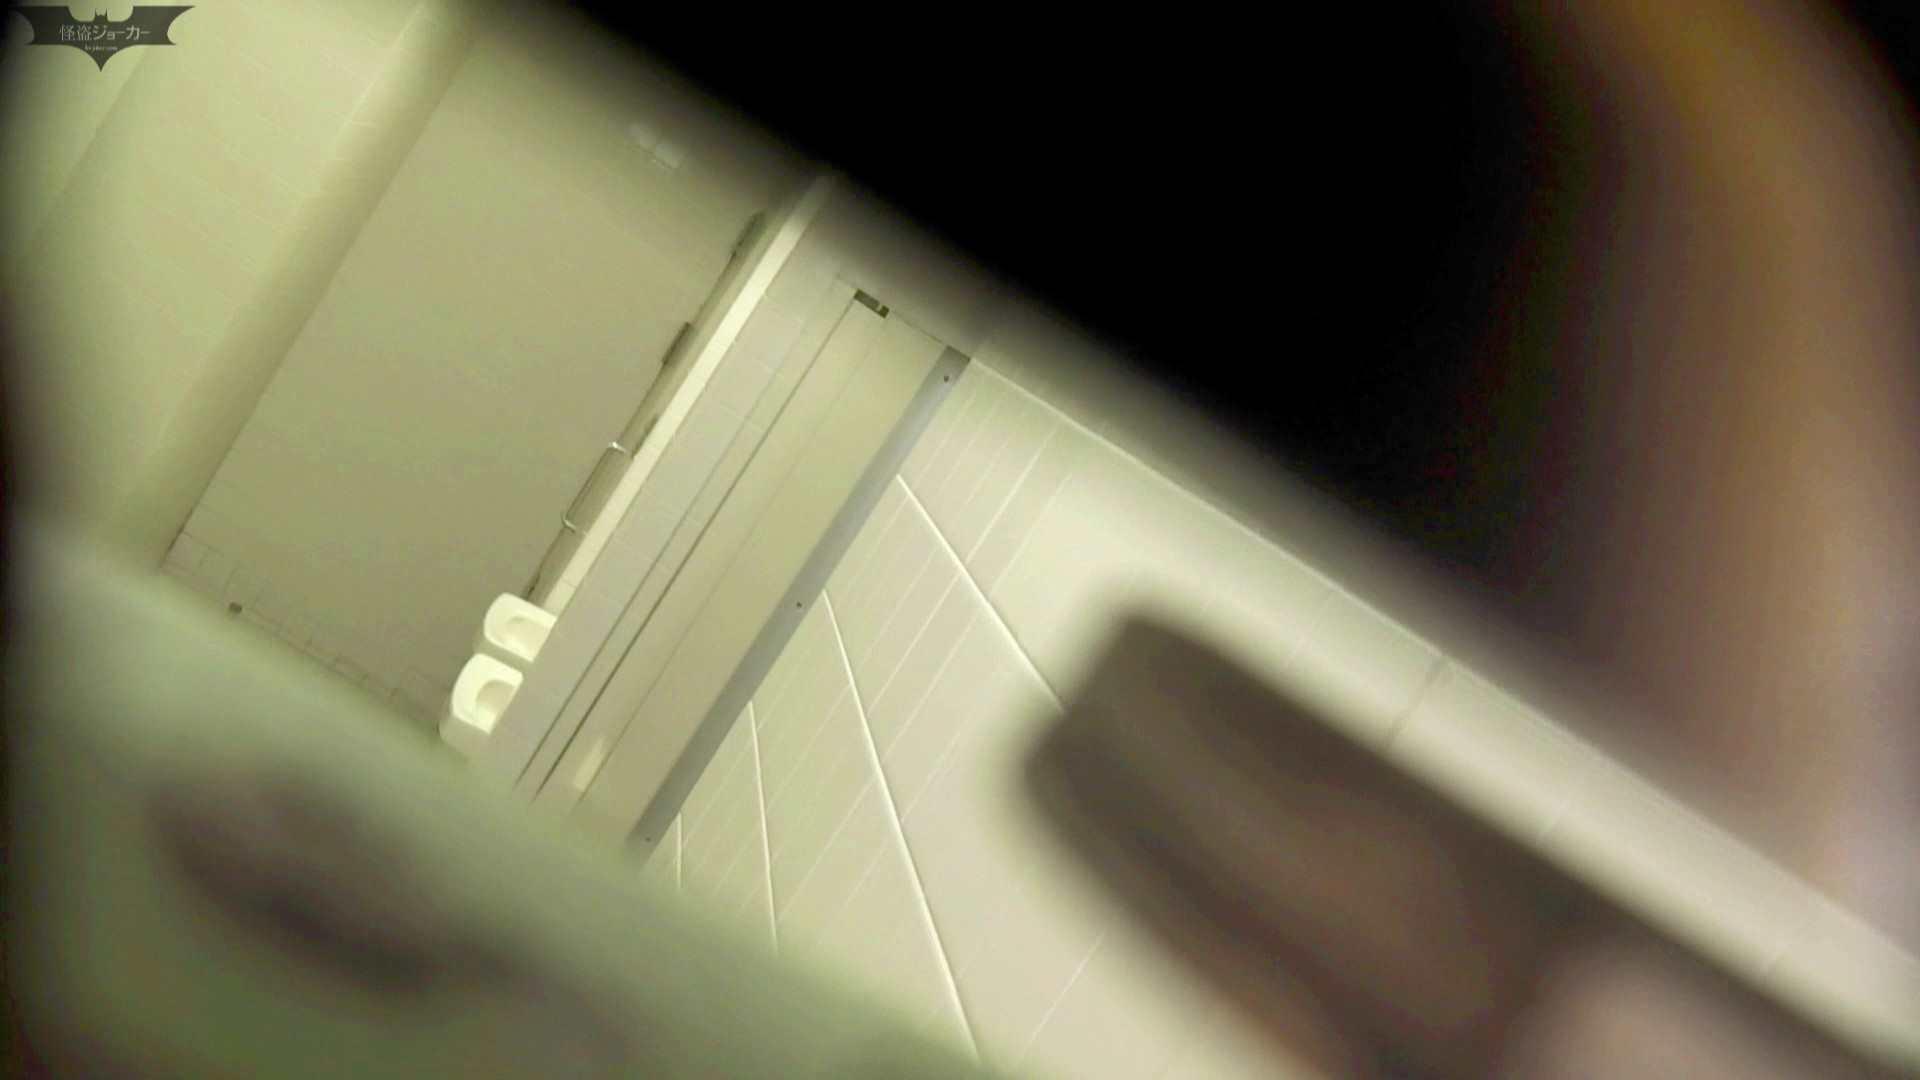 お銀 vol.68 無謀に通路に飛び出て一番明るいフロント撮り実現、見所満載 美人  103pic 69